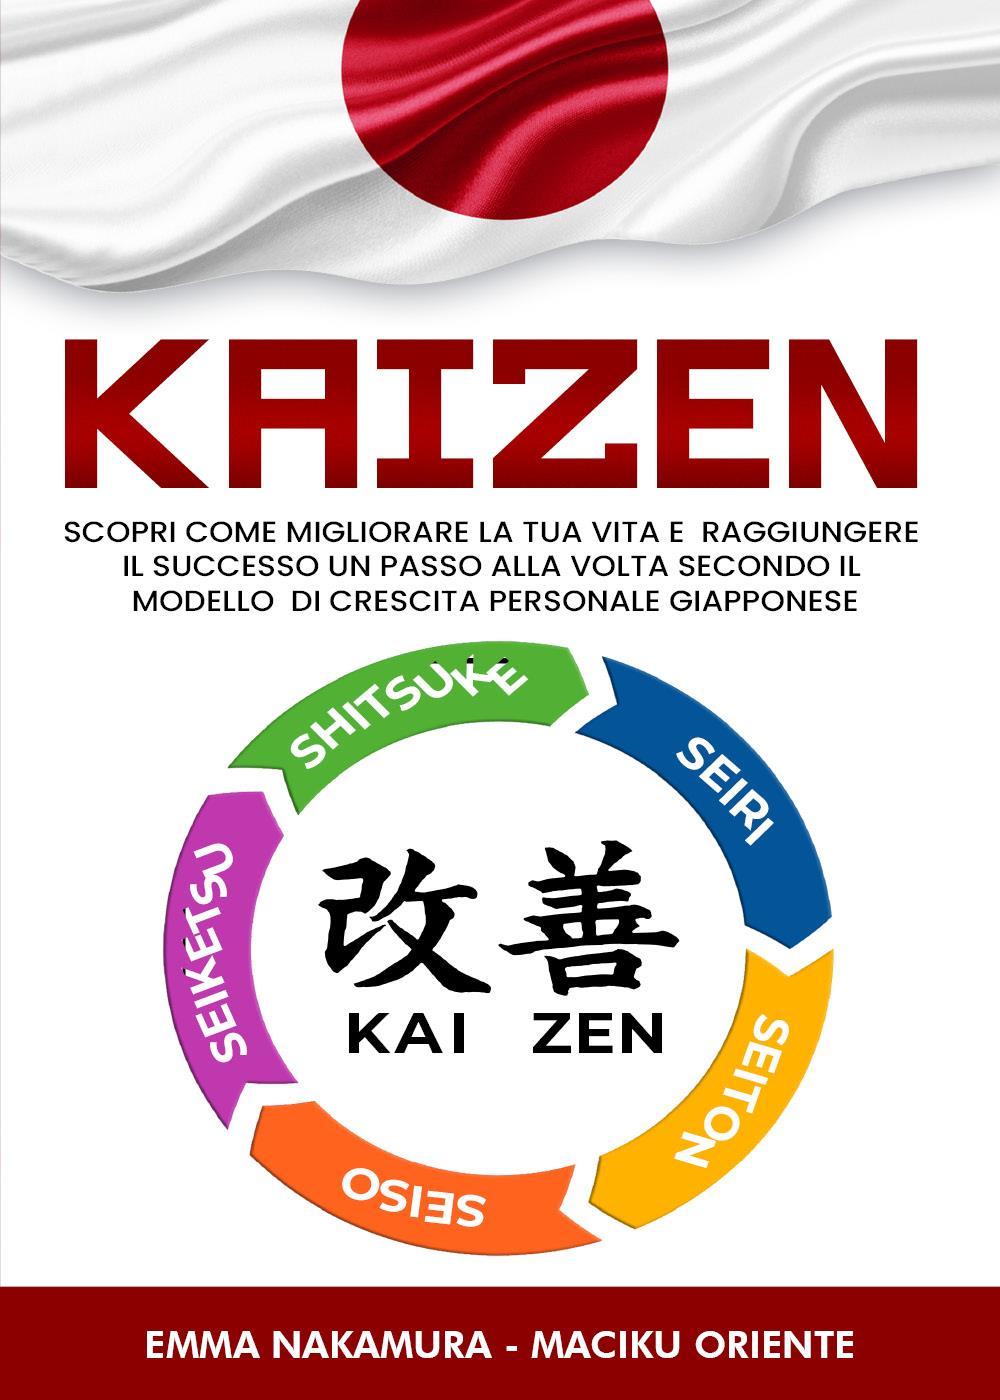 Kaizen. Scopri Come Migliorare la tua Vita e Raggiungere il Successo un Passo alla Volta Secondo il Modello di Crescita Personale Giapponese